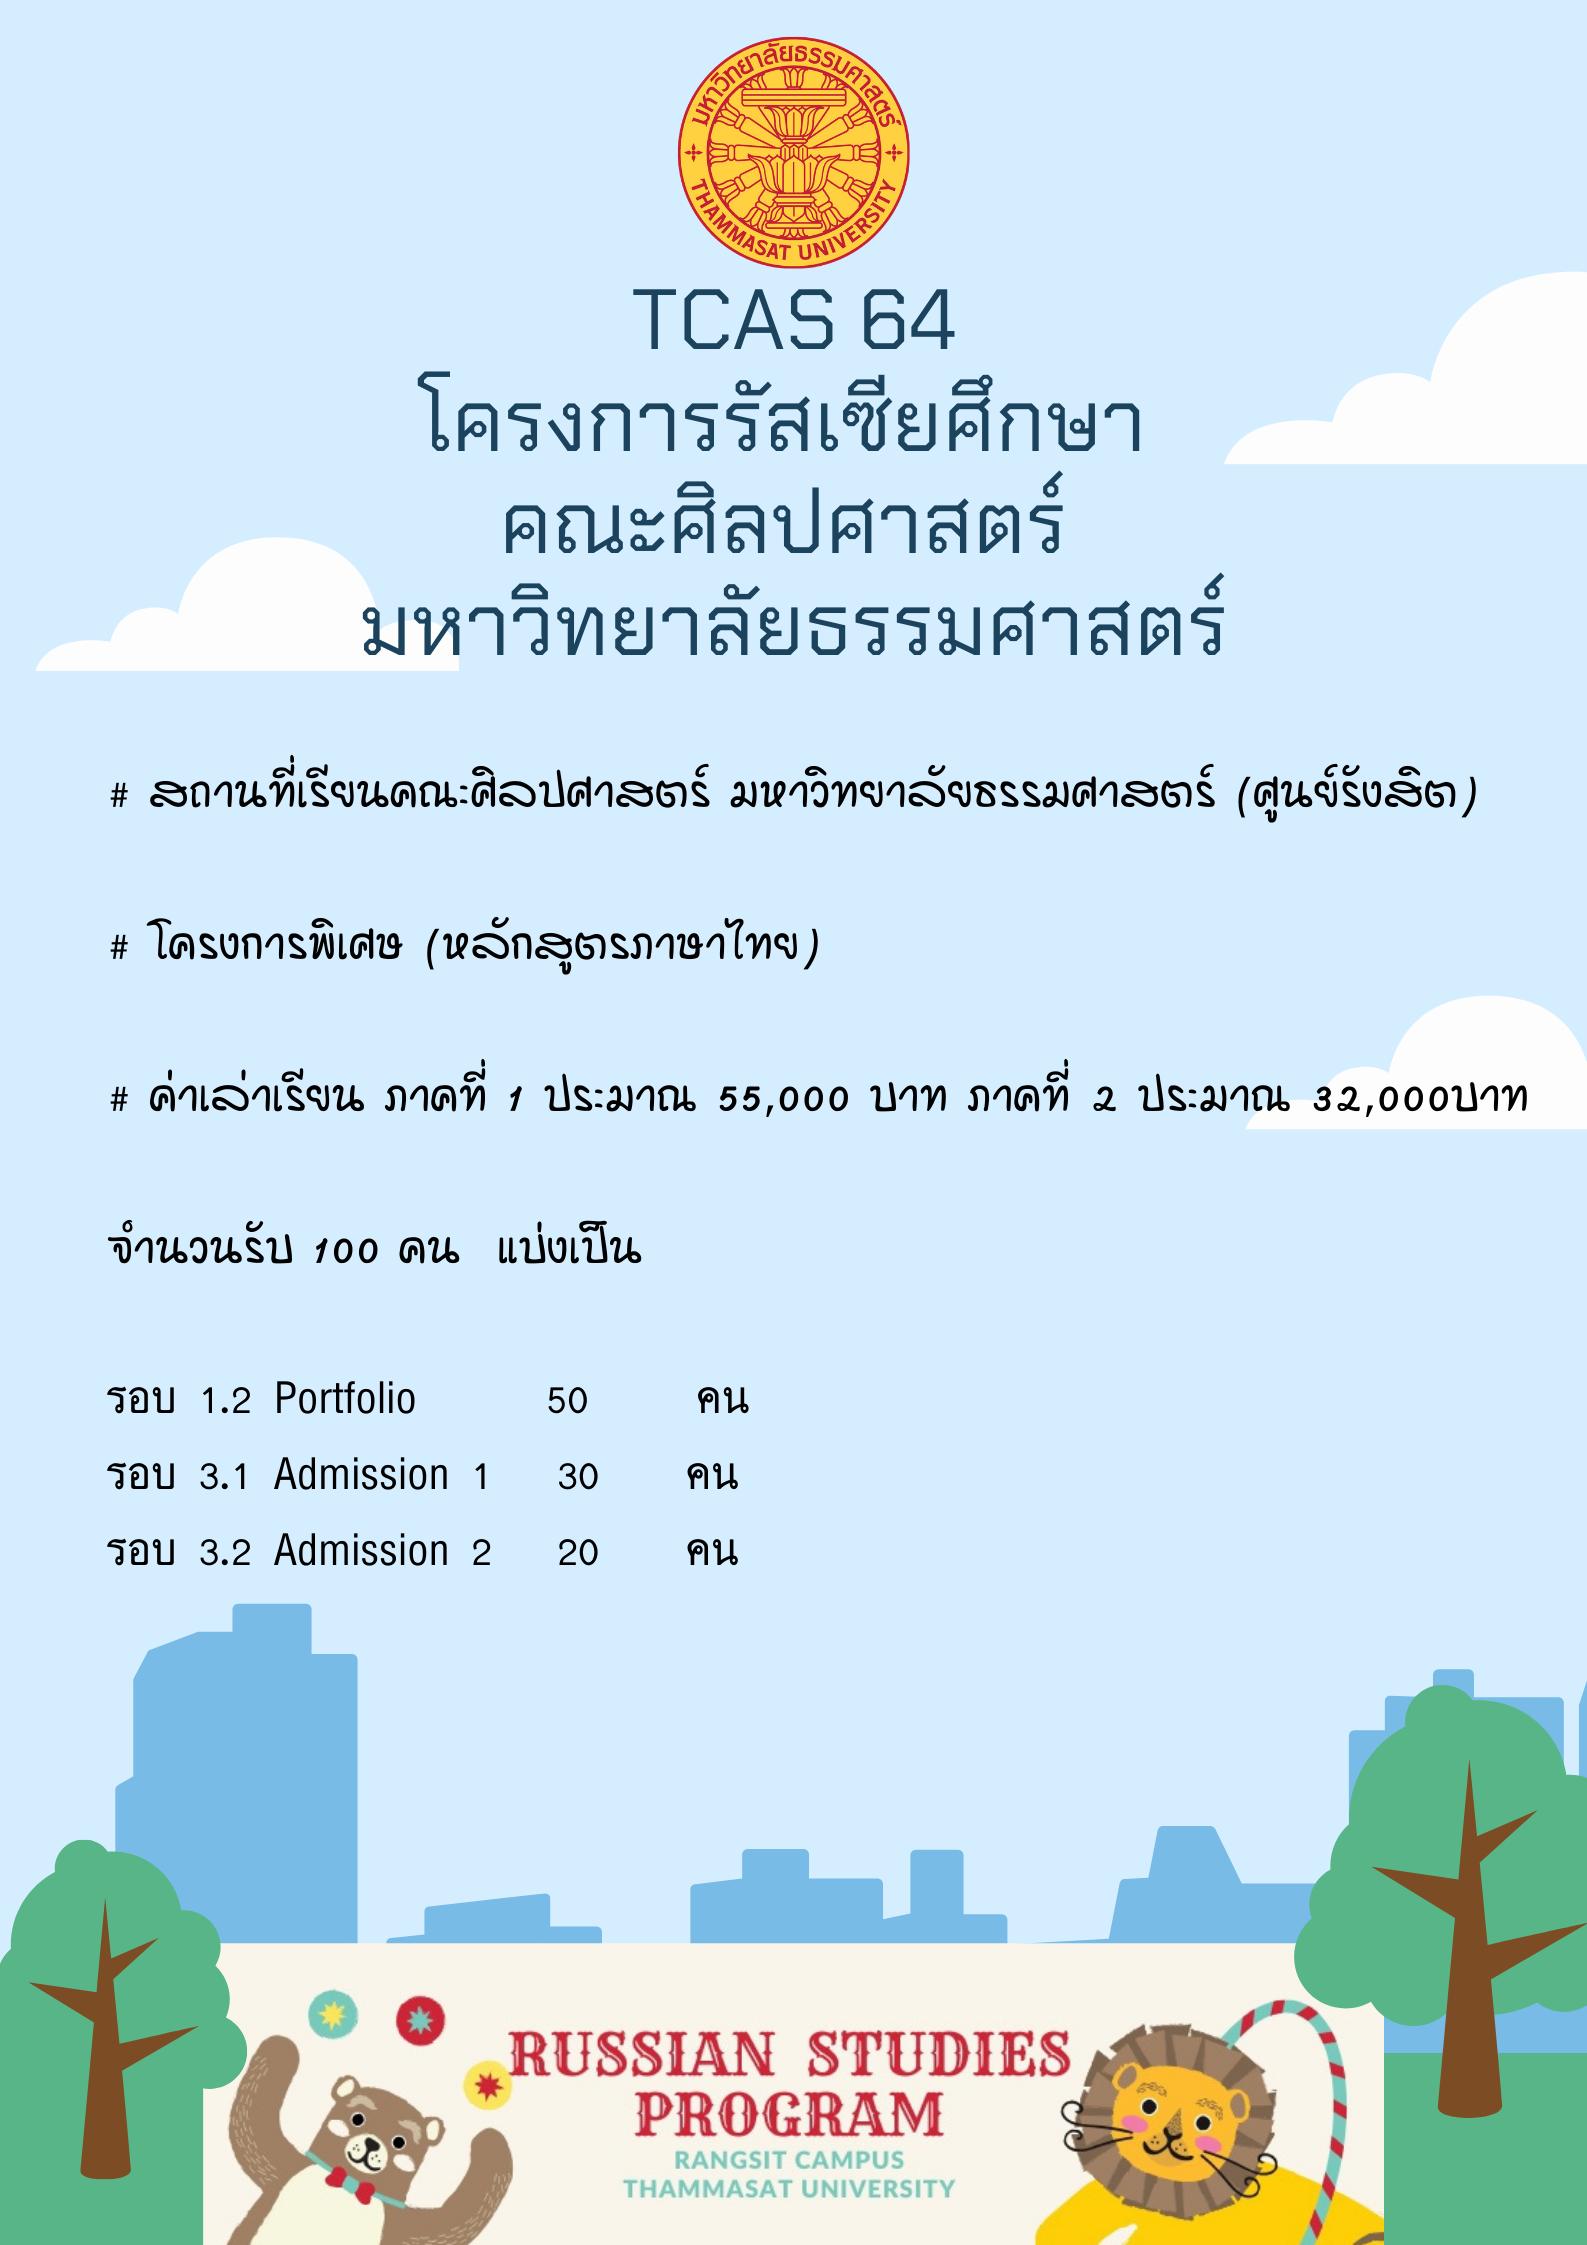 ประกาศ TCAS64 – Russian Studies Thammasat University